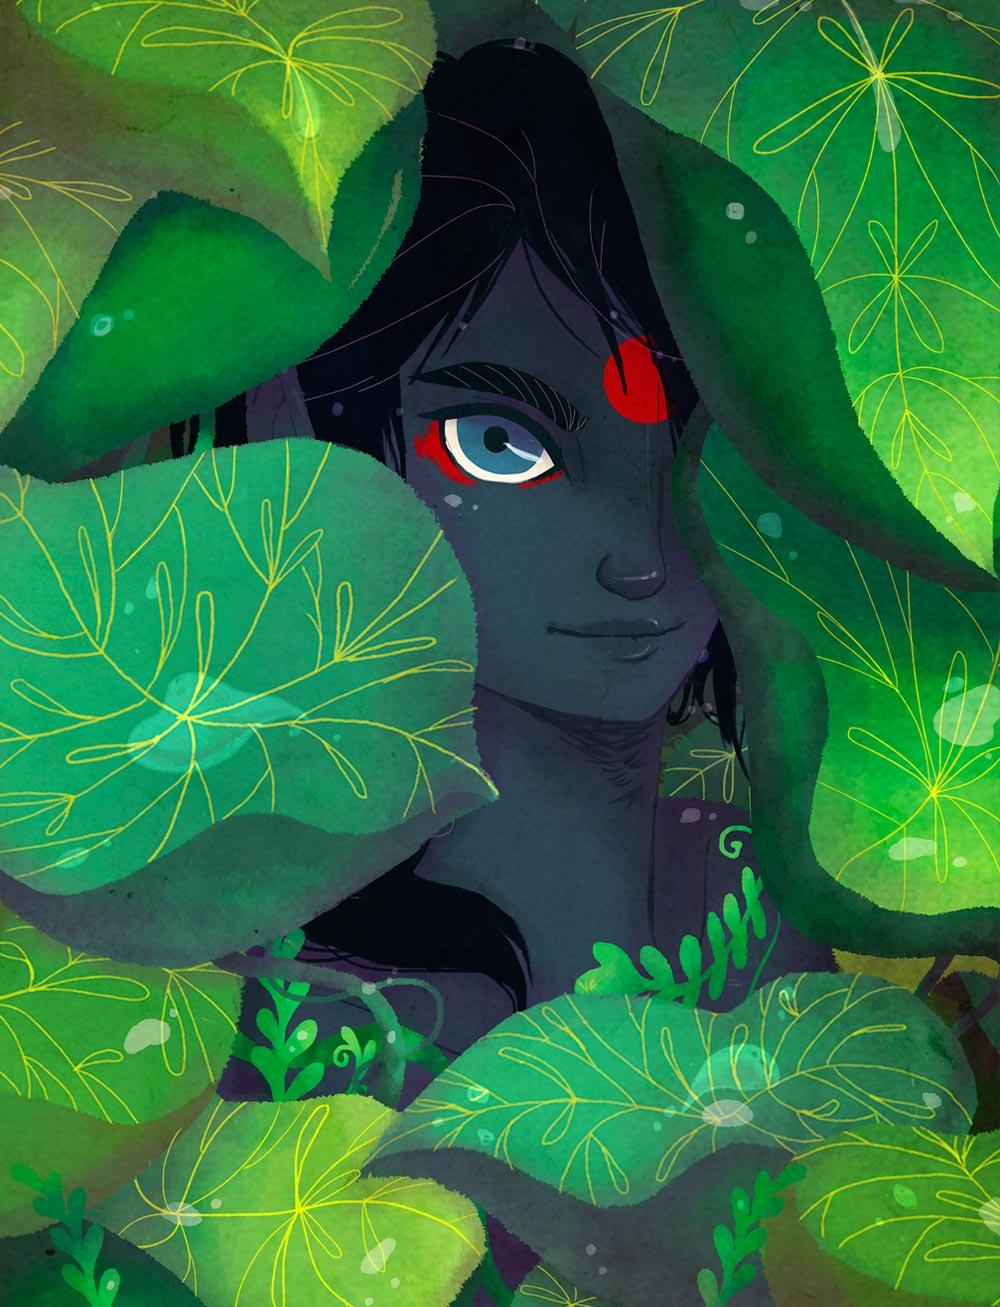 Entre las hojas, Danicornio